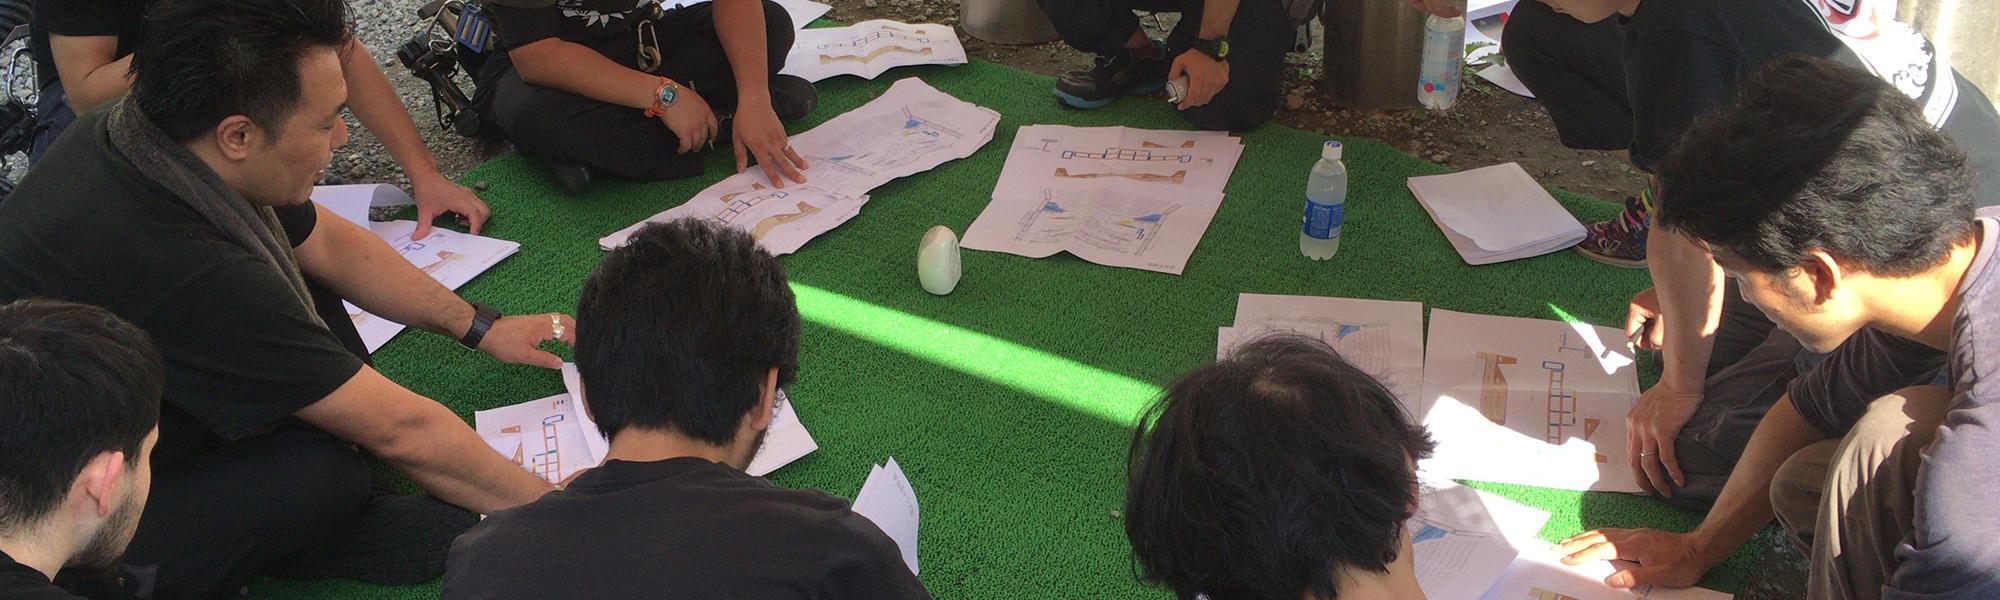 タフゴングは、美術製作・大道具・舞台装置のプロフェッショナル集団です